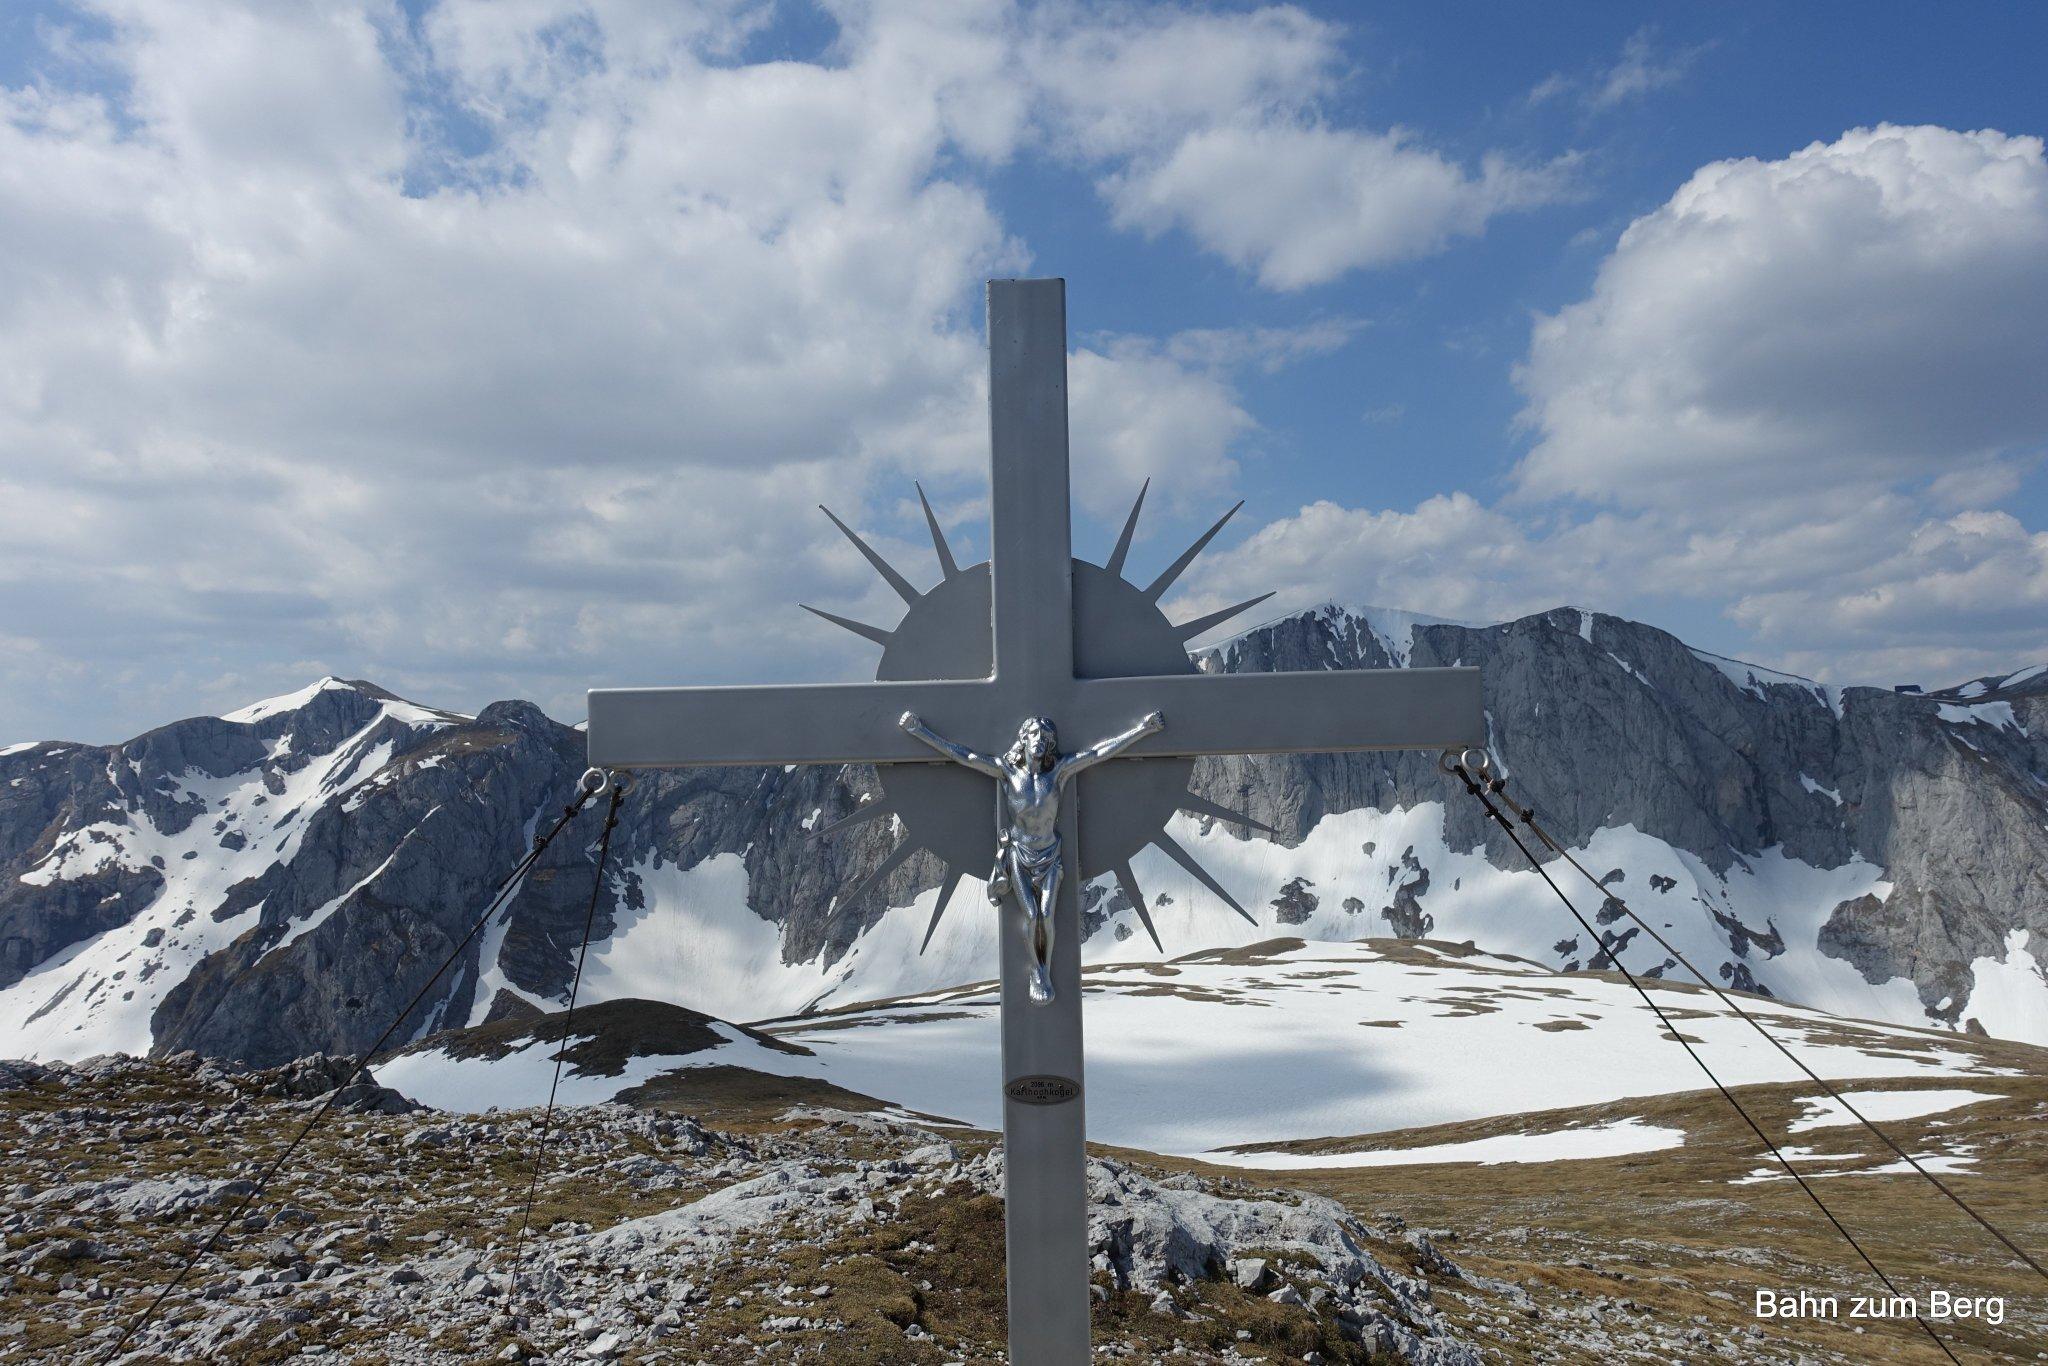 Gipfelkreuz Karlhochkogel